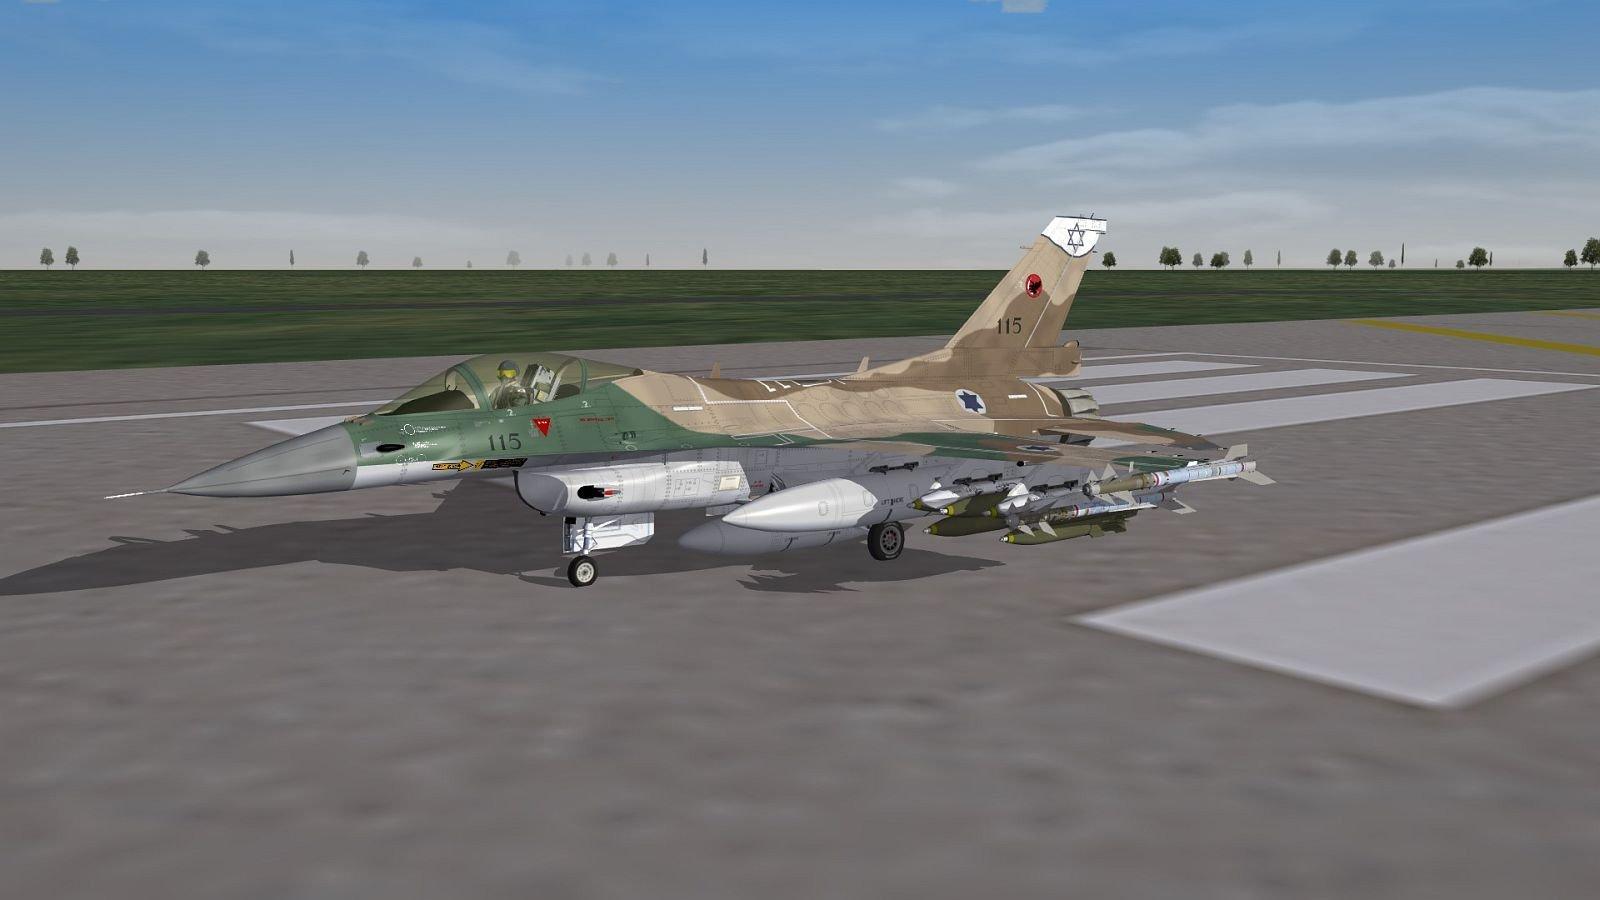 [Fictional] Mitsubishi/IAI F-2I Nachash (Snake)